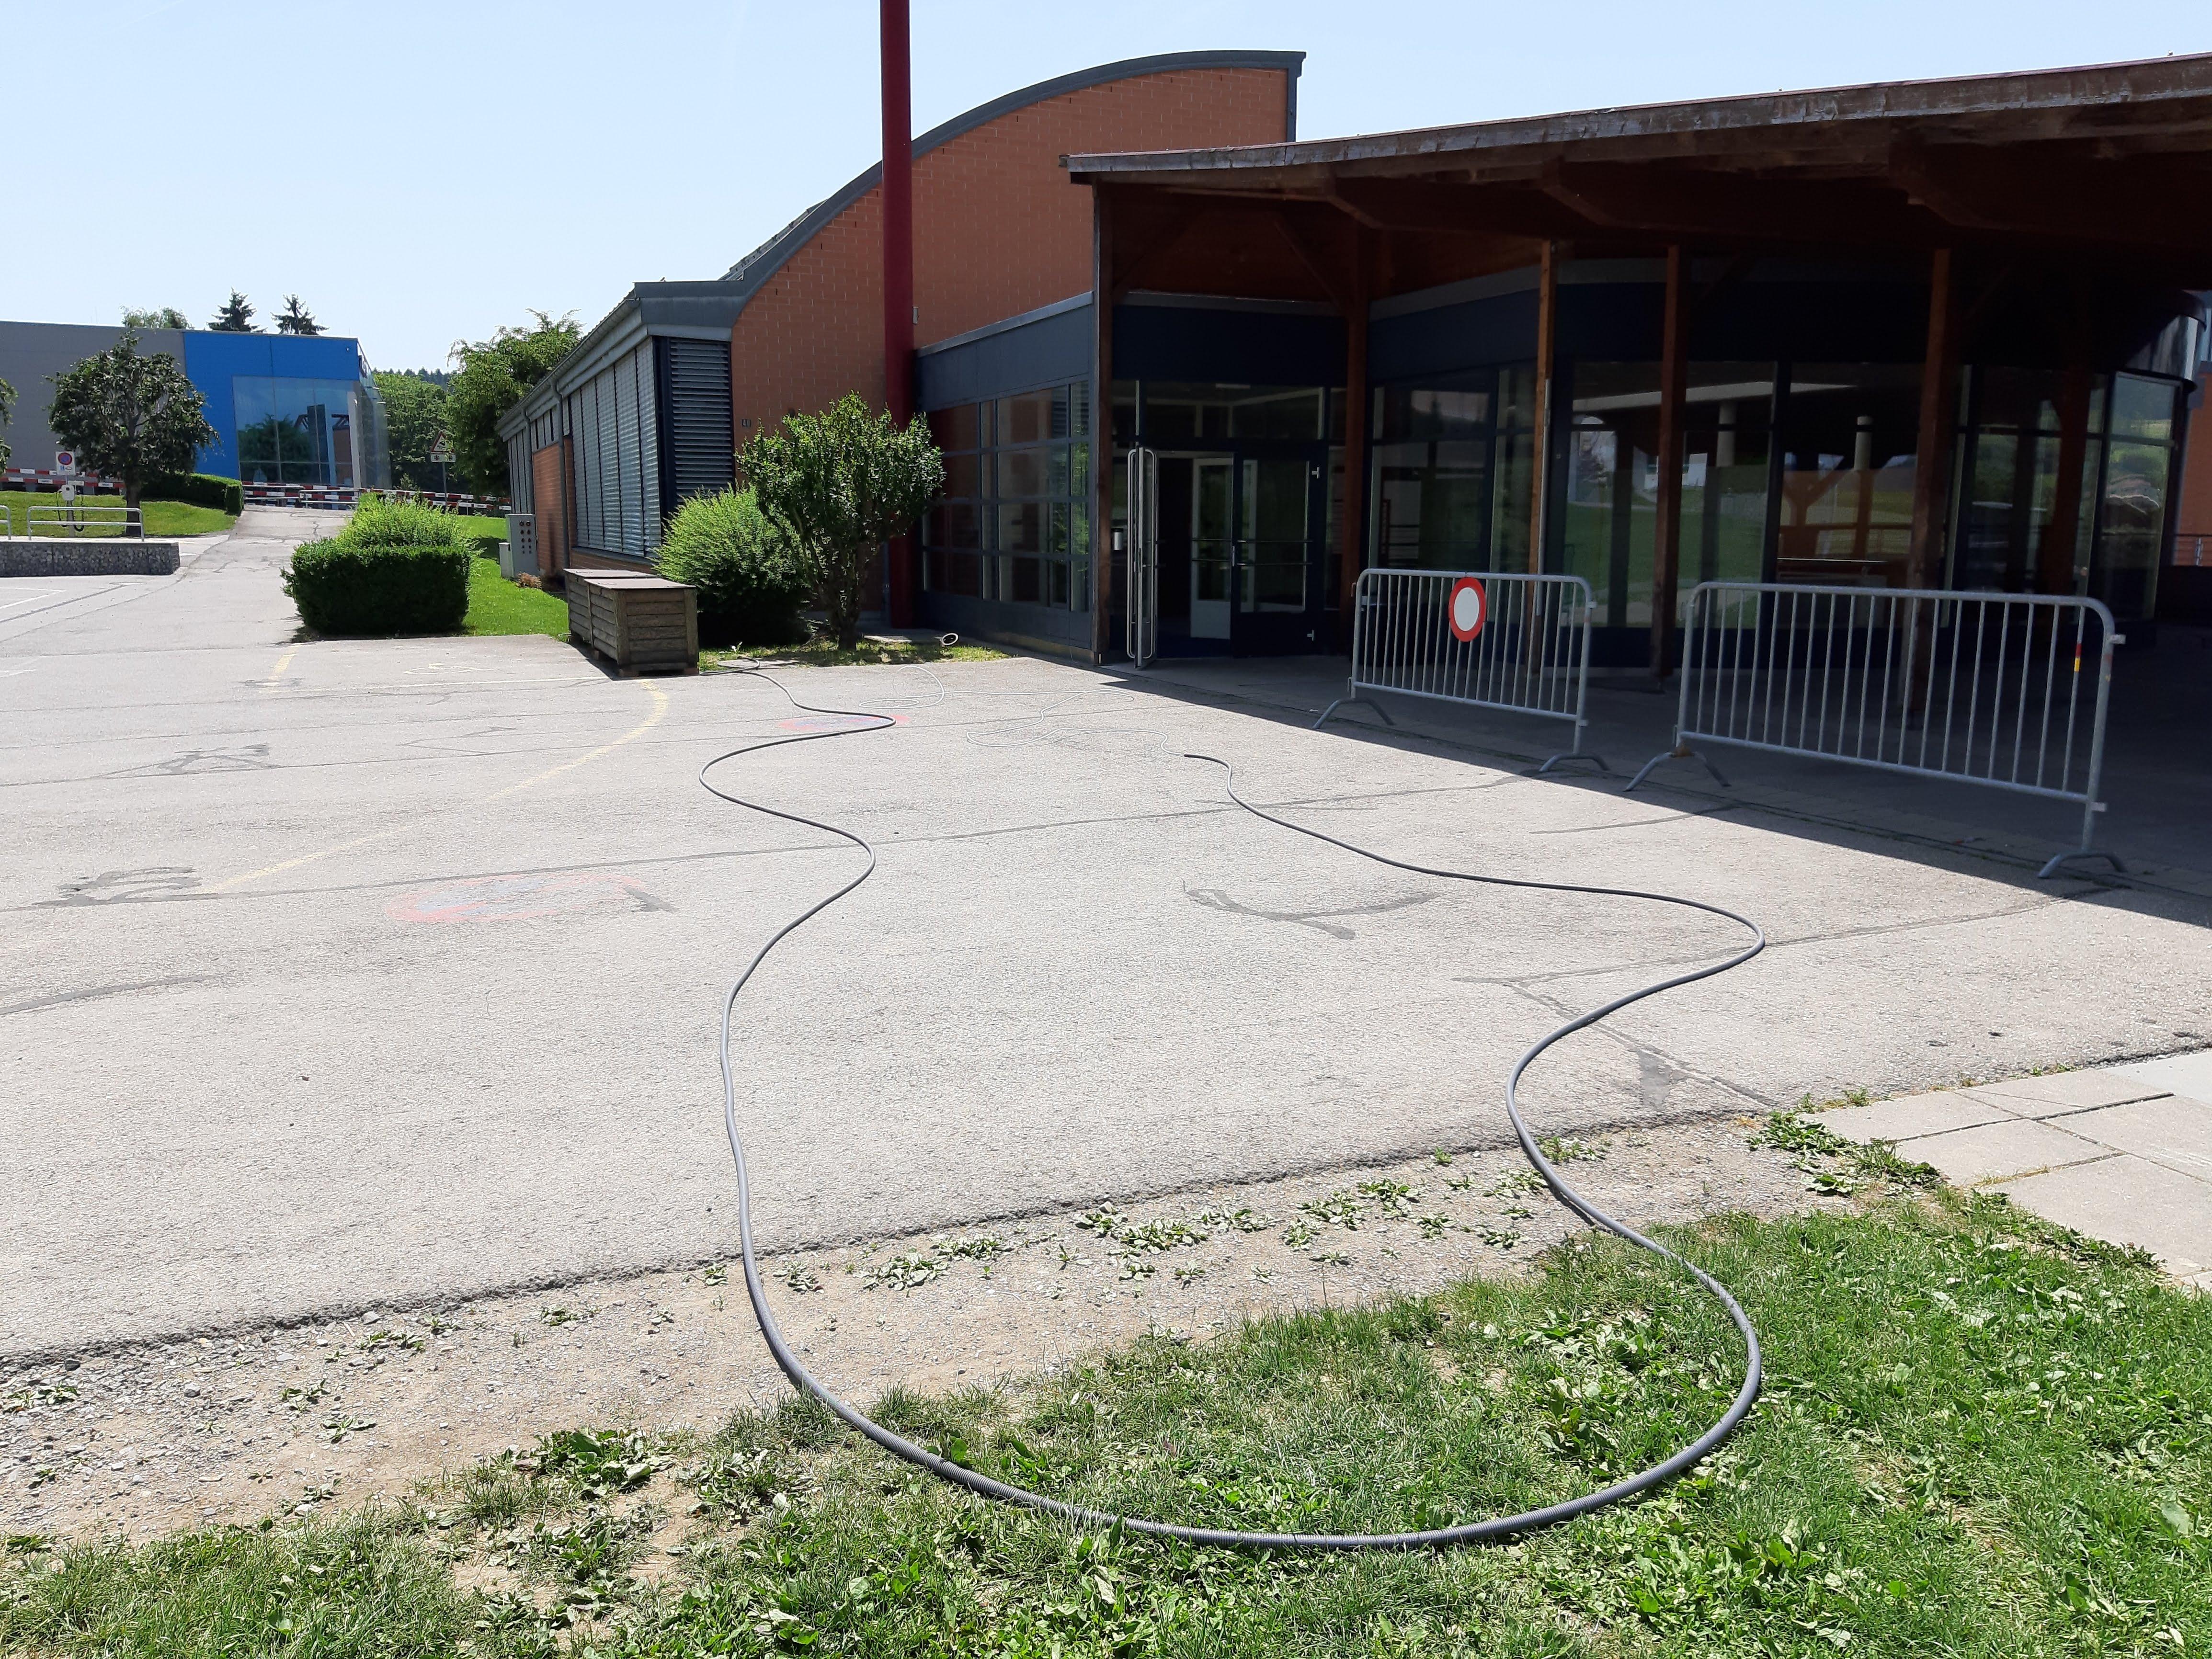 Câblage pour caméras à l'école d'Oron